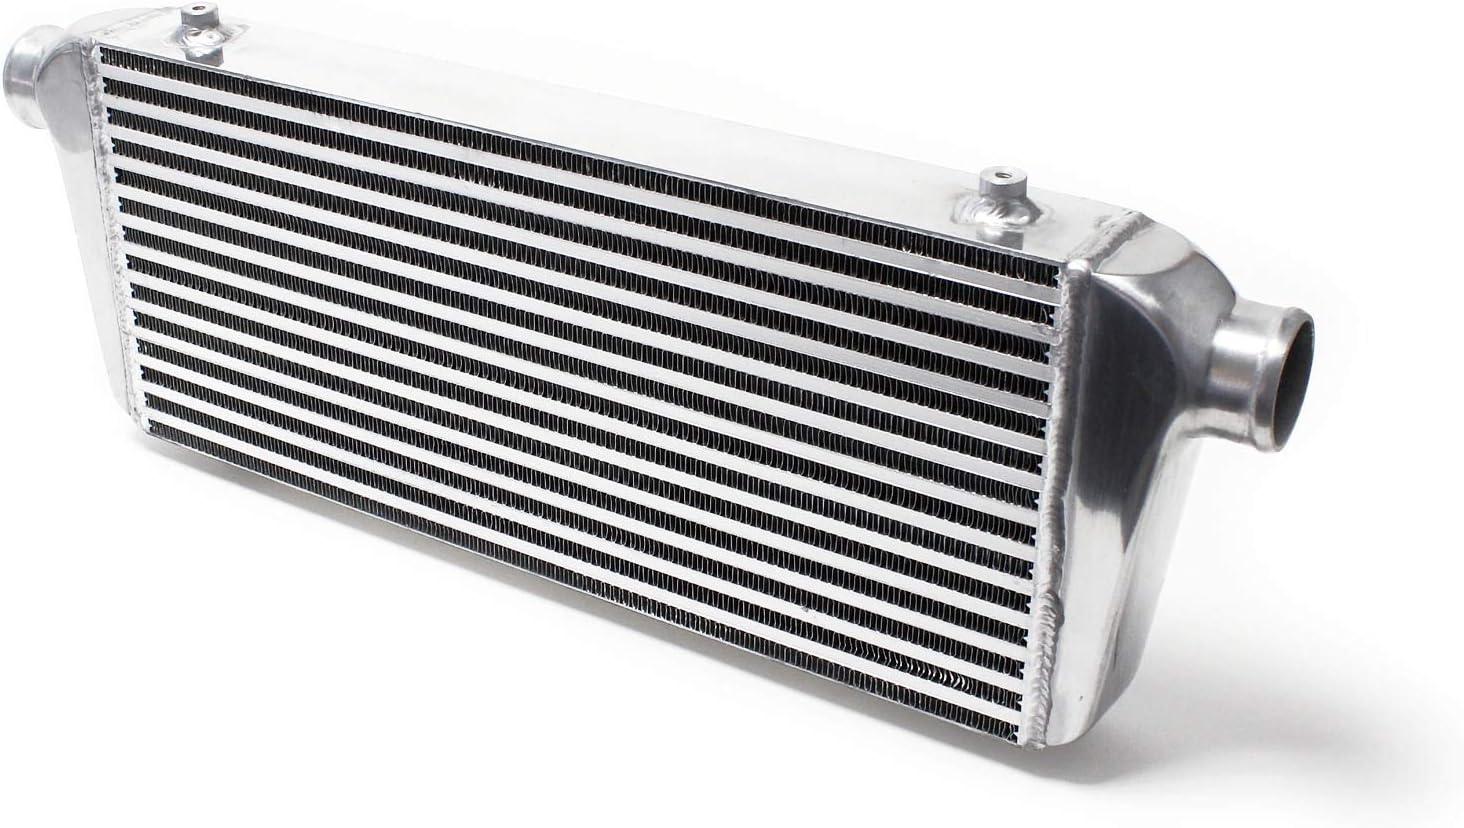 Radiador admisión aire Aluminio Turbo INTERCOOLER No.006 Refrigeración motor turbocompresor Tuning